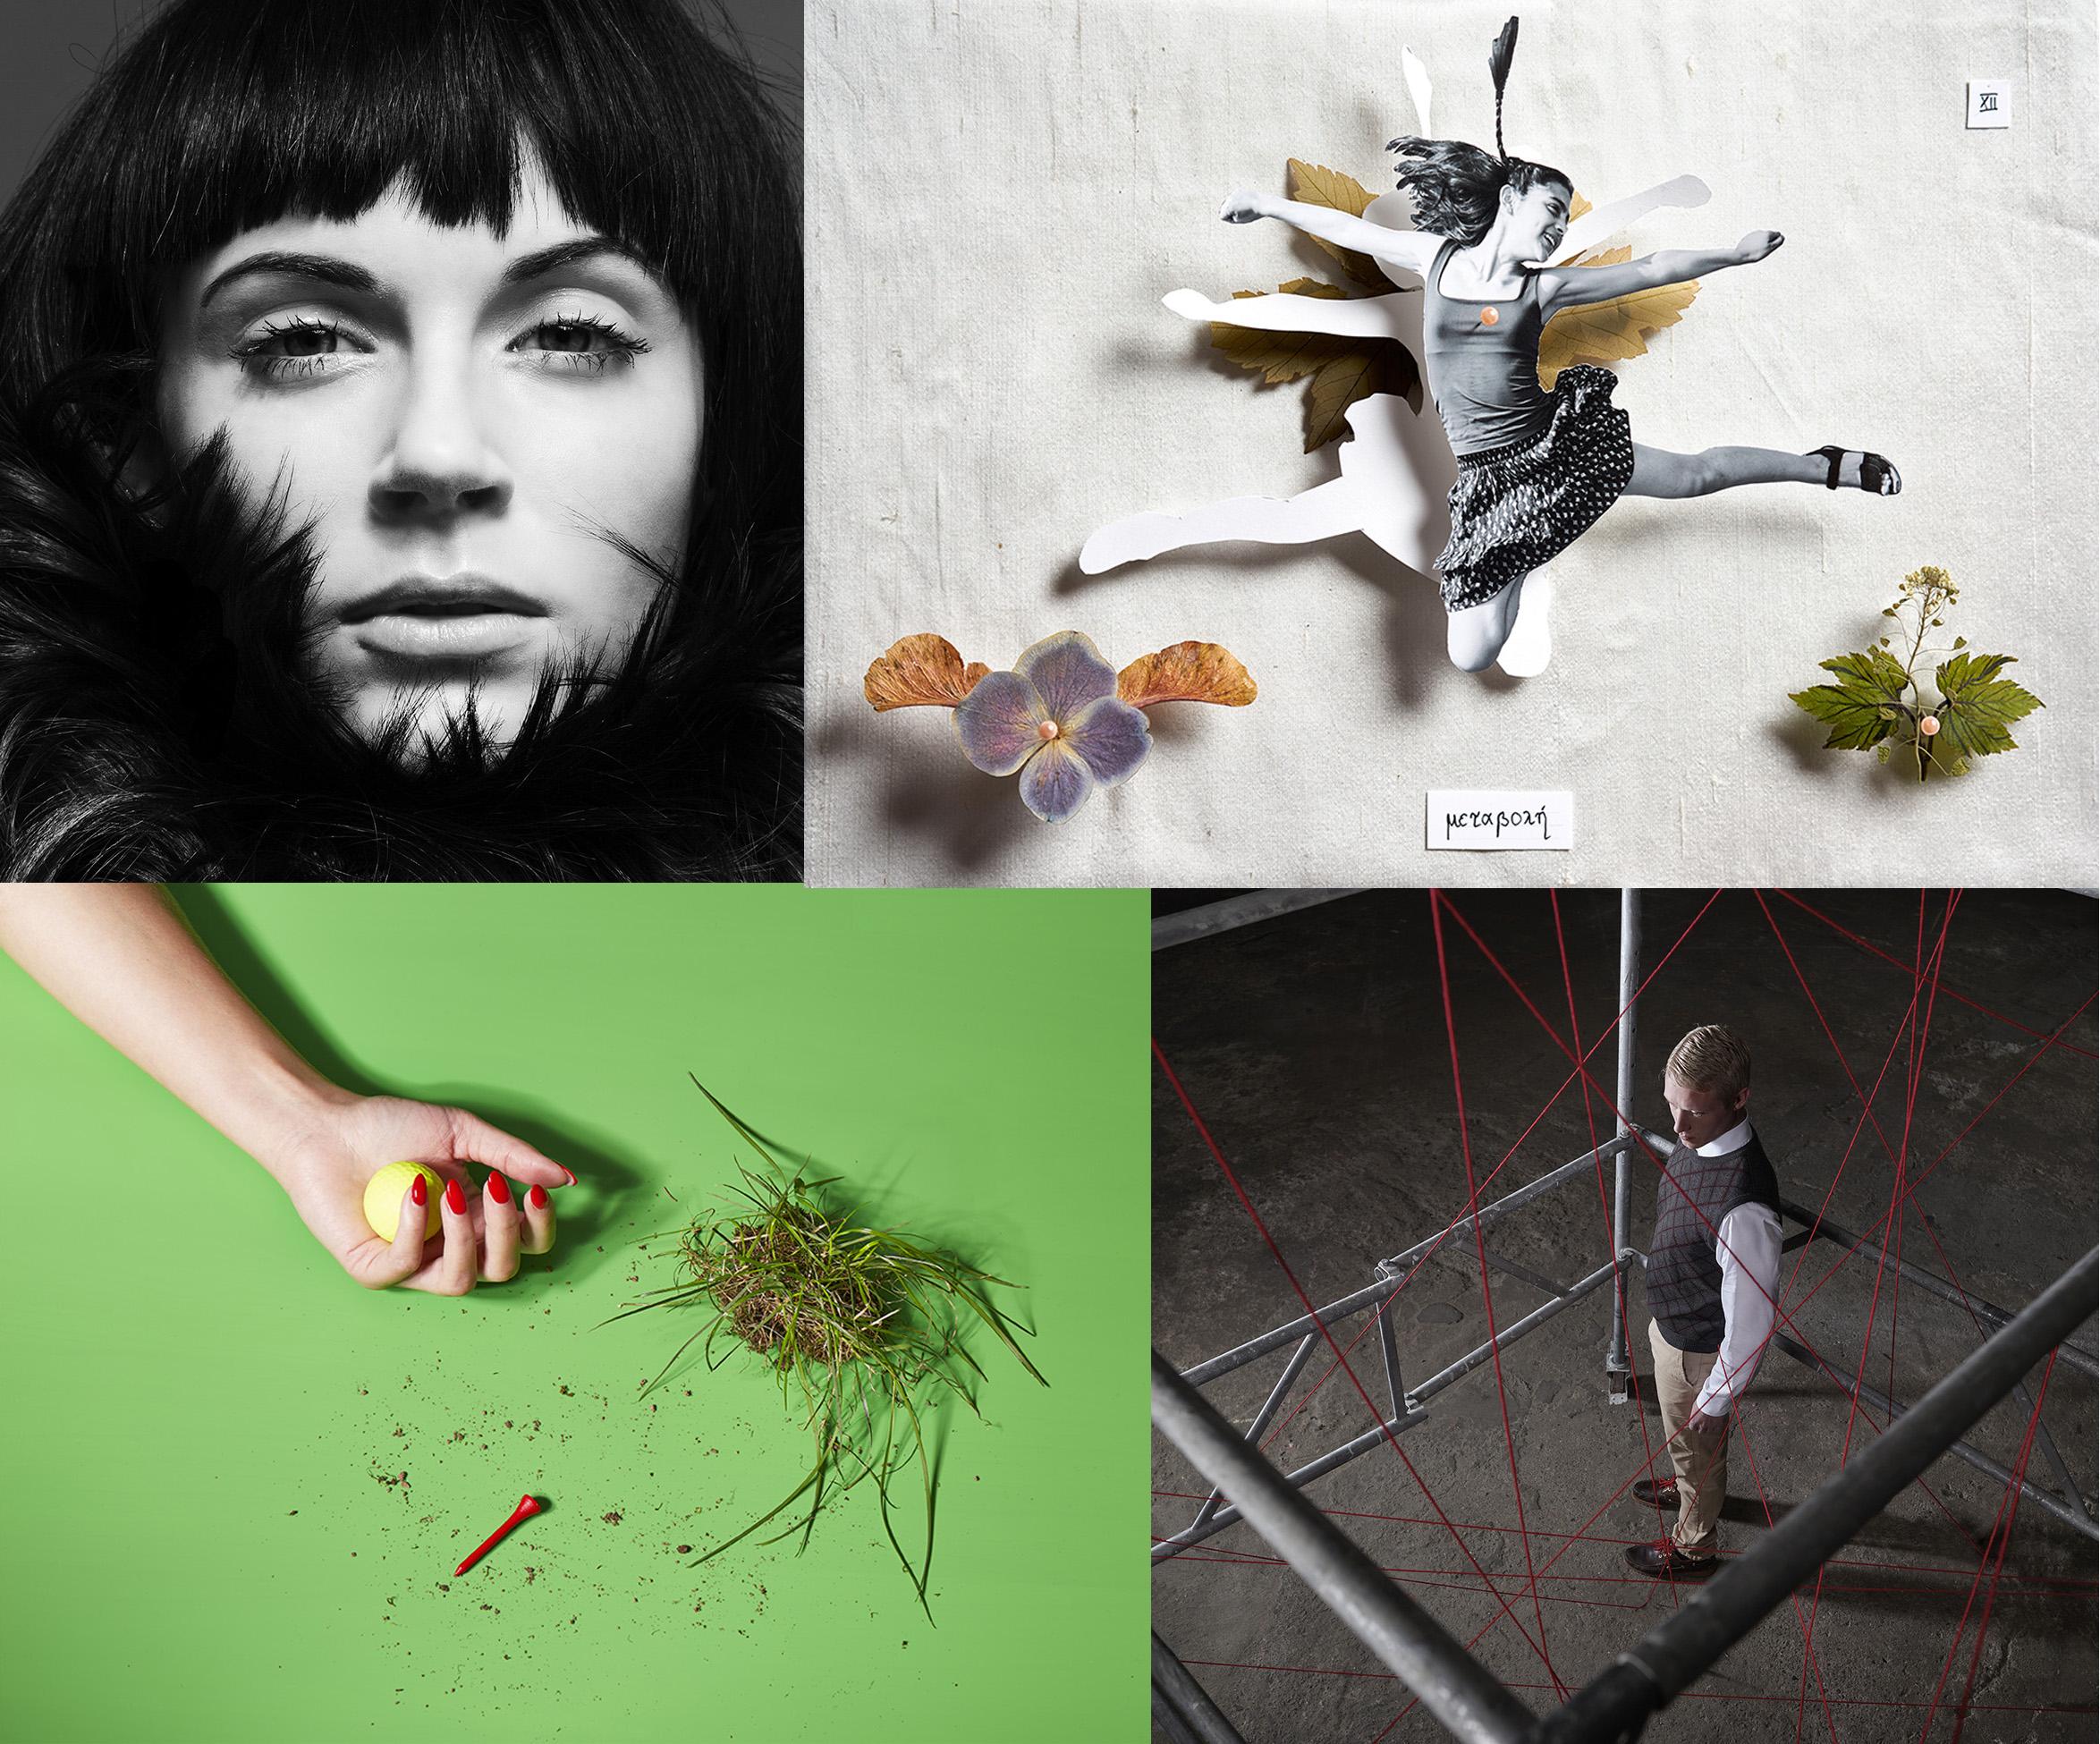 Ausstellung: Uneven Perspectives